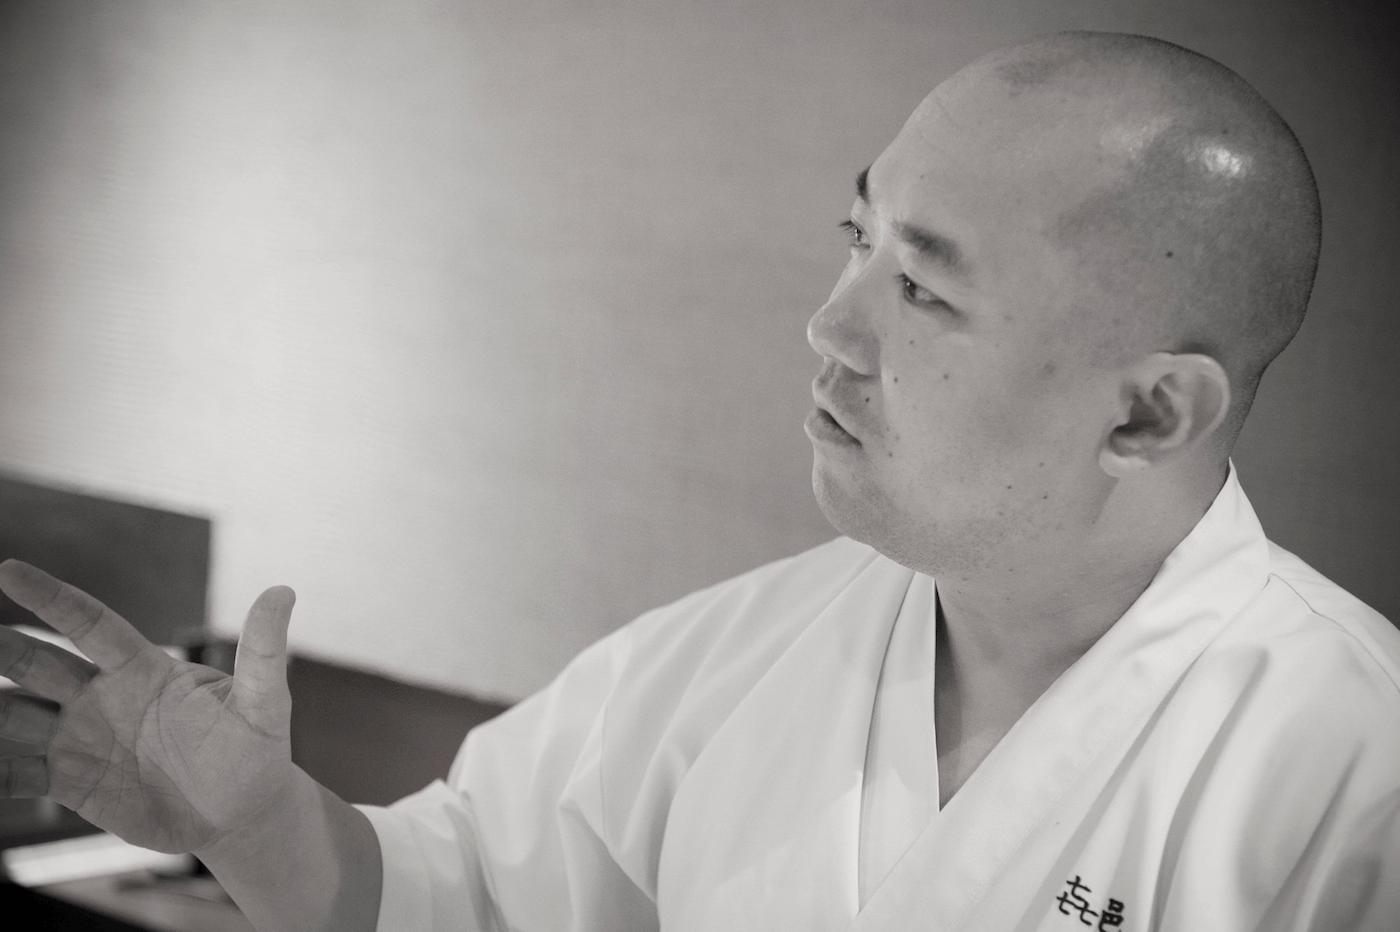 Sushi Kimuraの4枚目のカバー写真